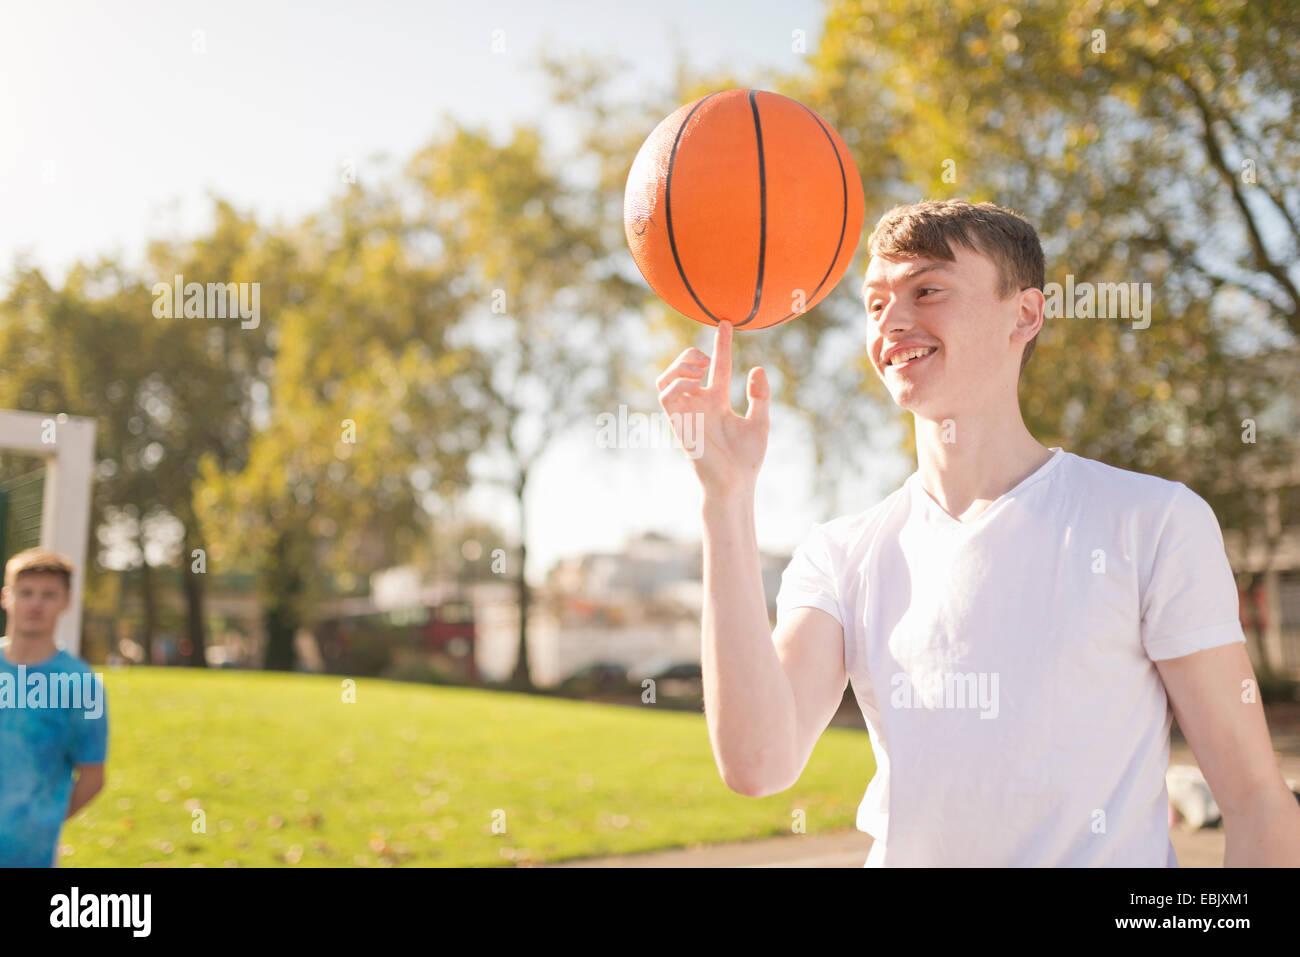 Lächelnde junge männliche Basketballspieler Ausgleich Basketball am finger Stockbild